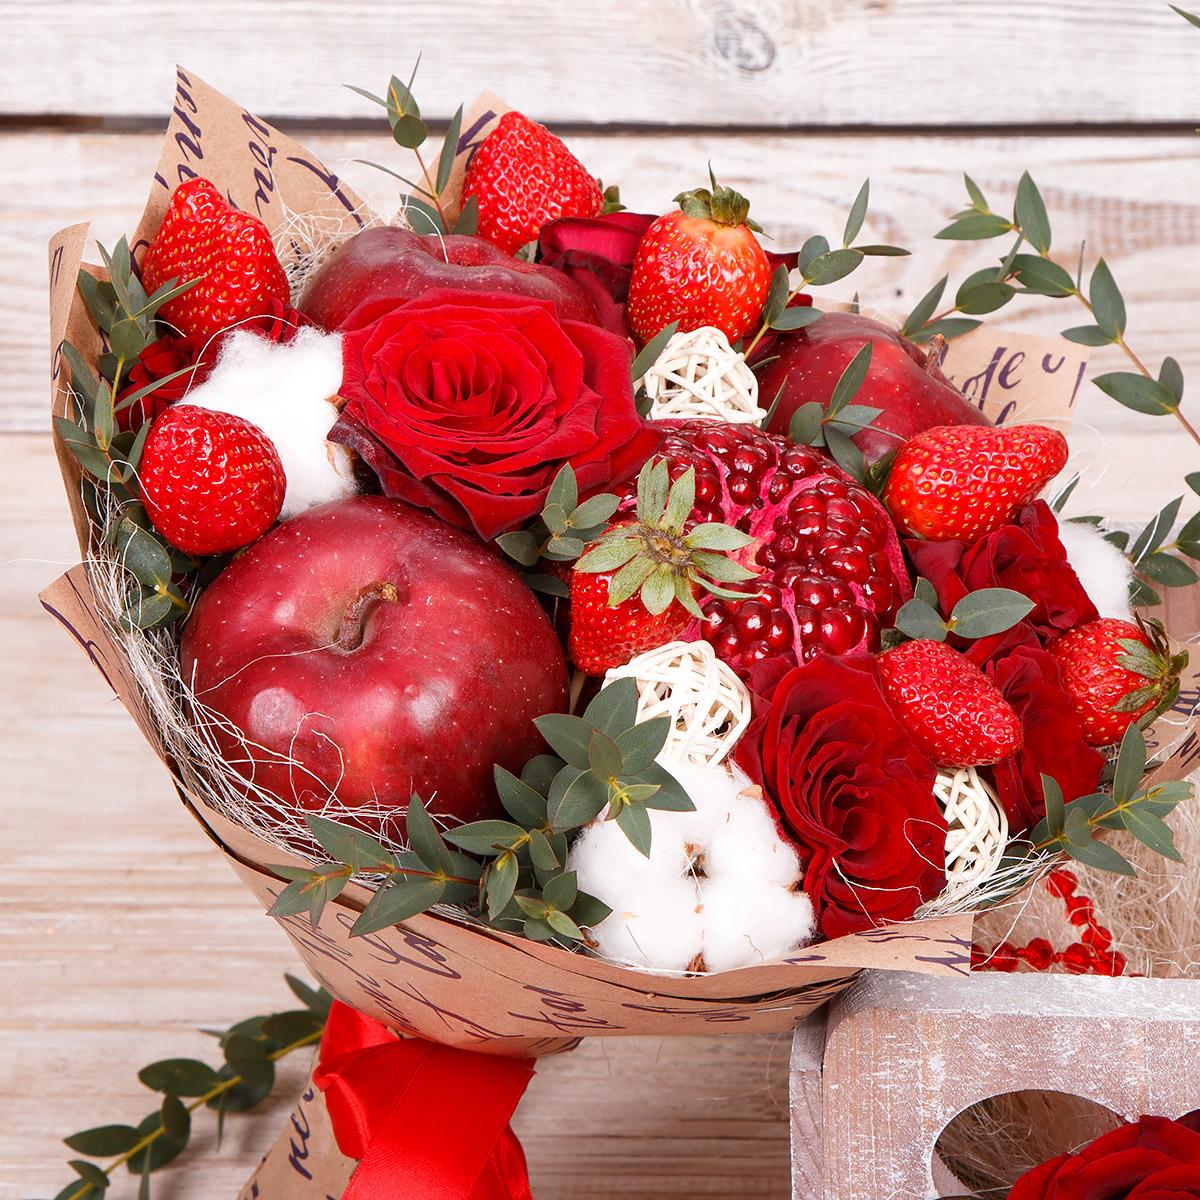 Как сделать букет из фруктов и цветов